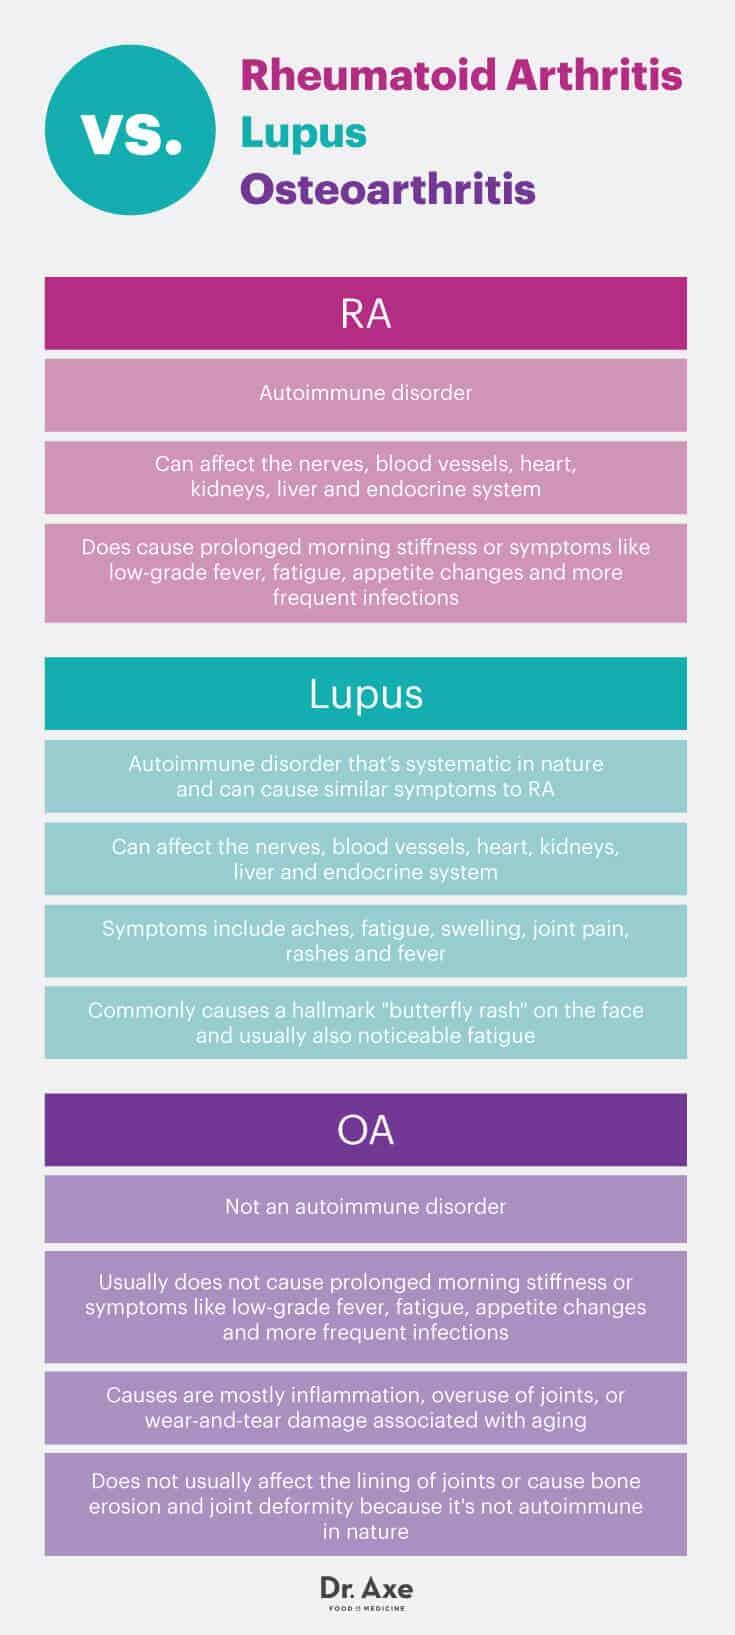 Rheumatoid arthritis vs. lupus vs. osteoarthritis - Dr. Axe